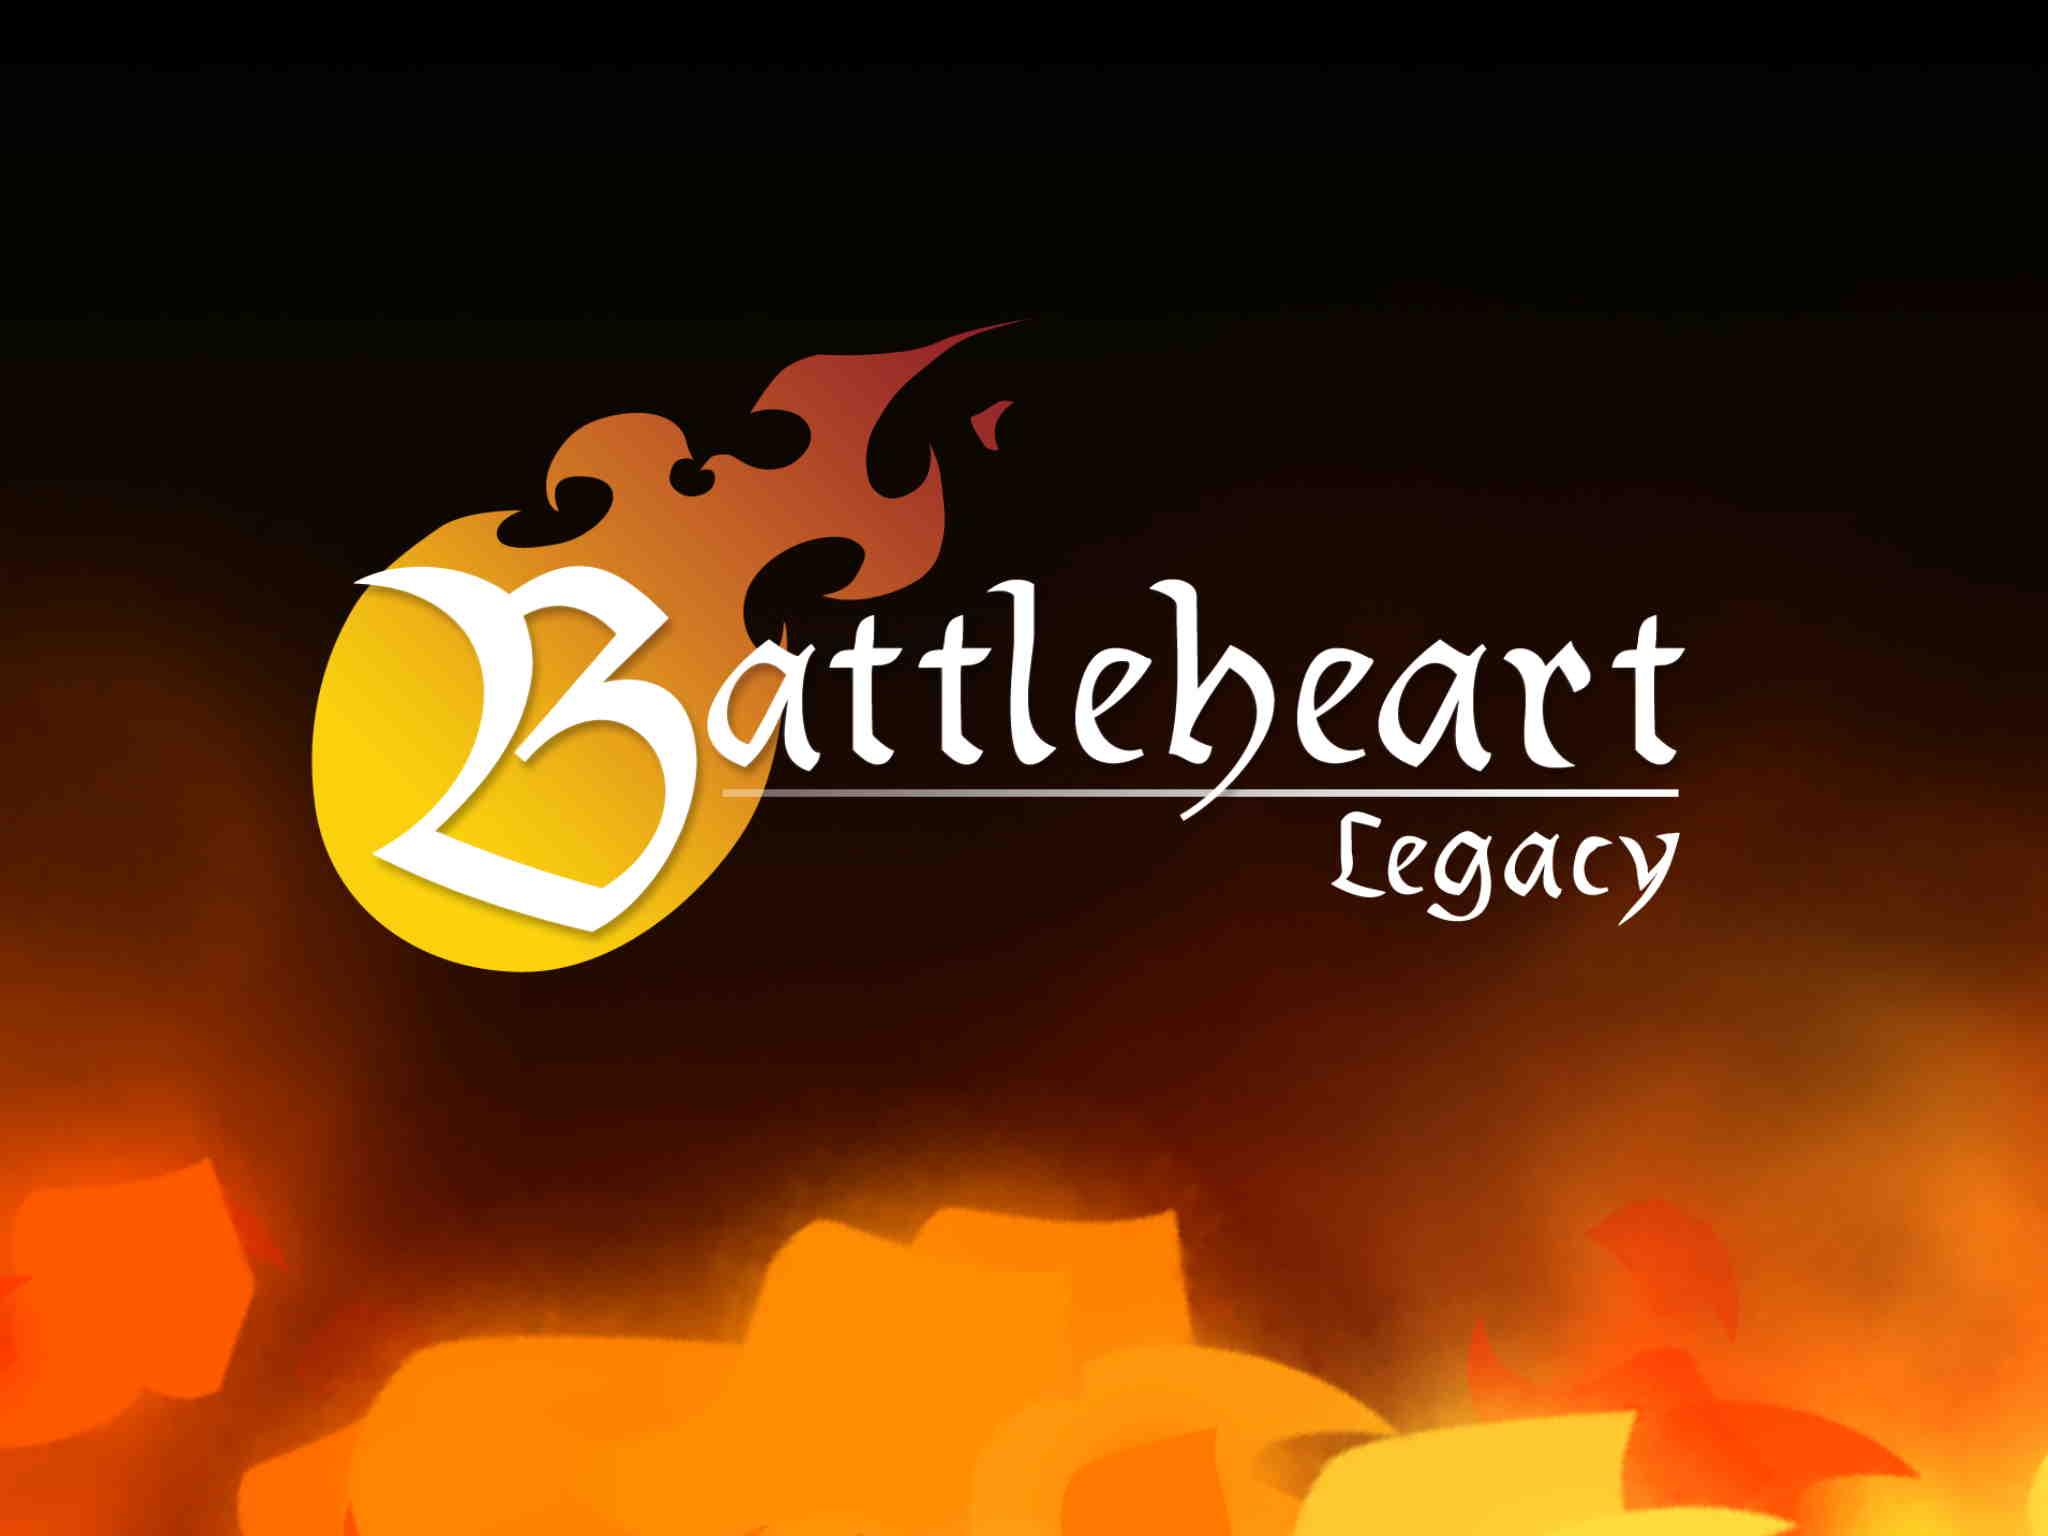 Battleheart_Legacy_01